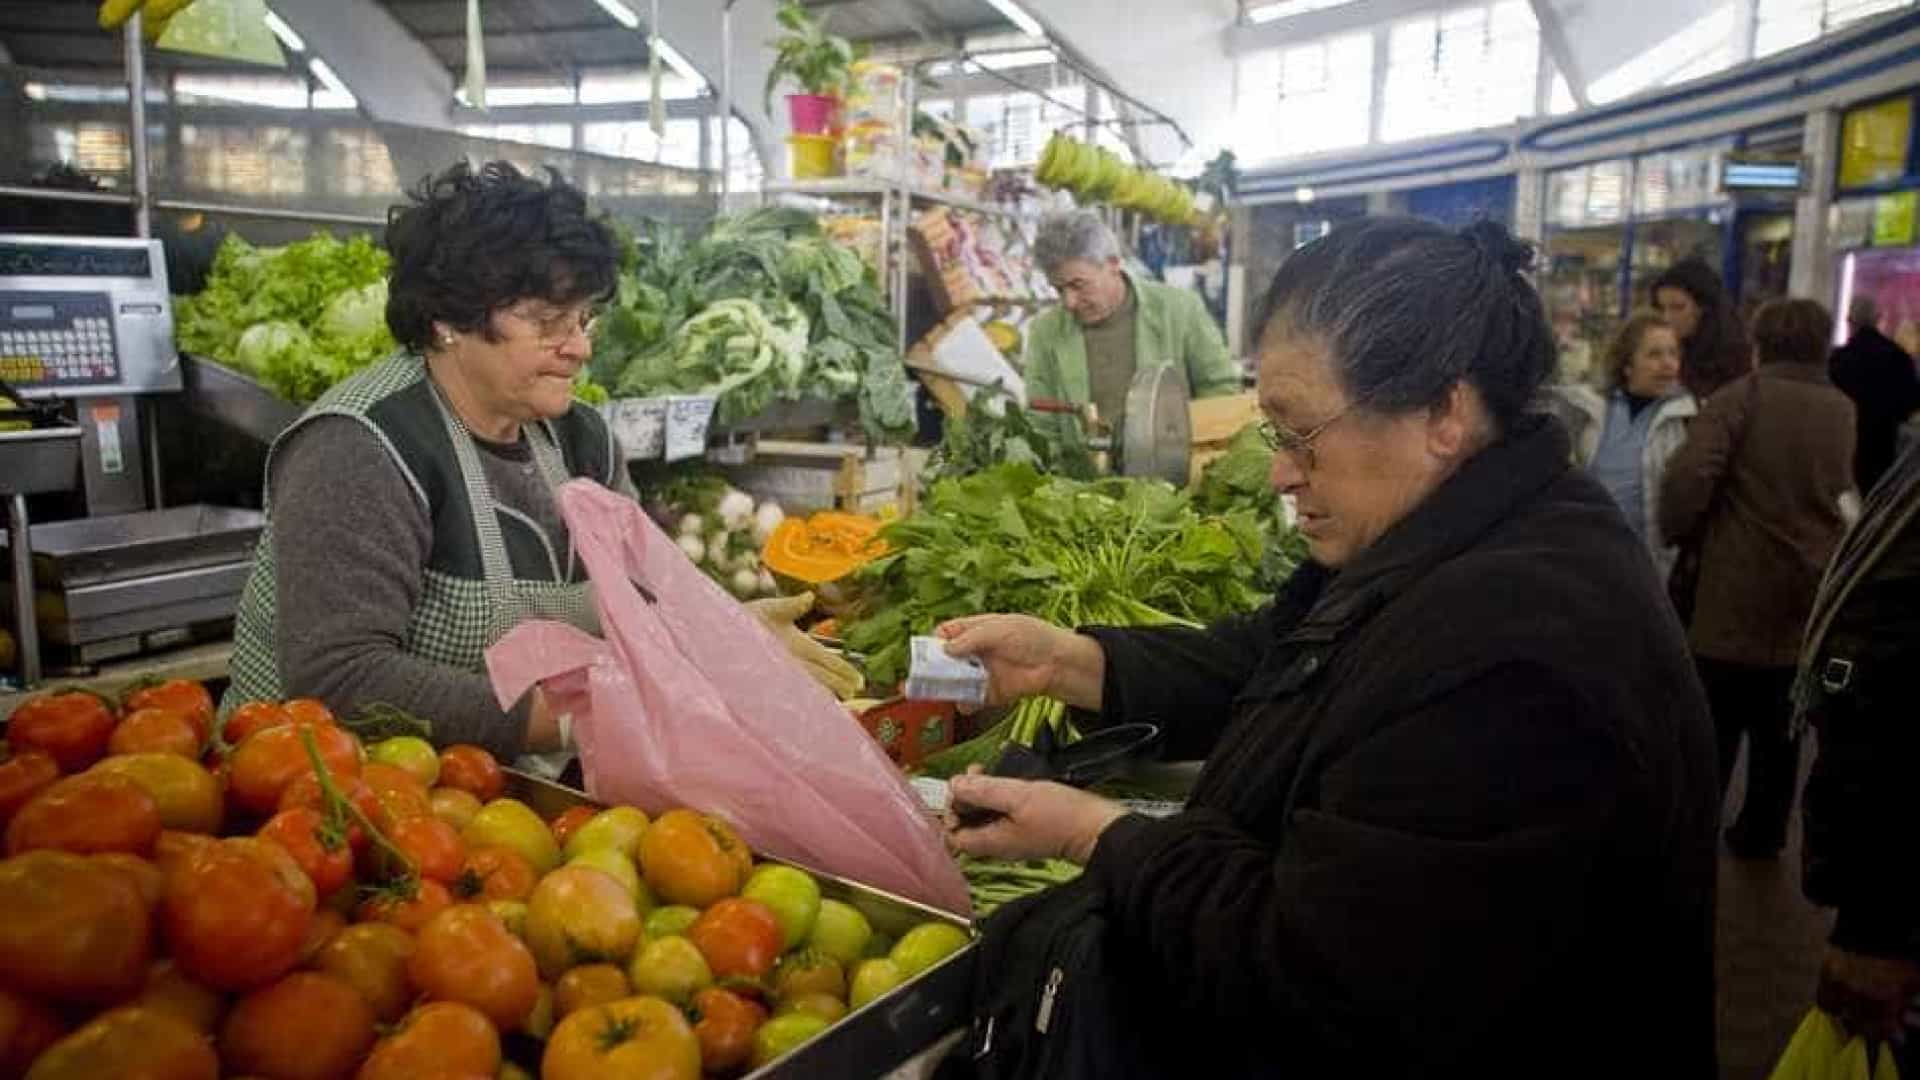 Portugueses estão a gastar menos, mas despesas principais têm mais peso